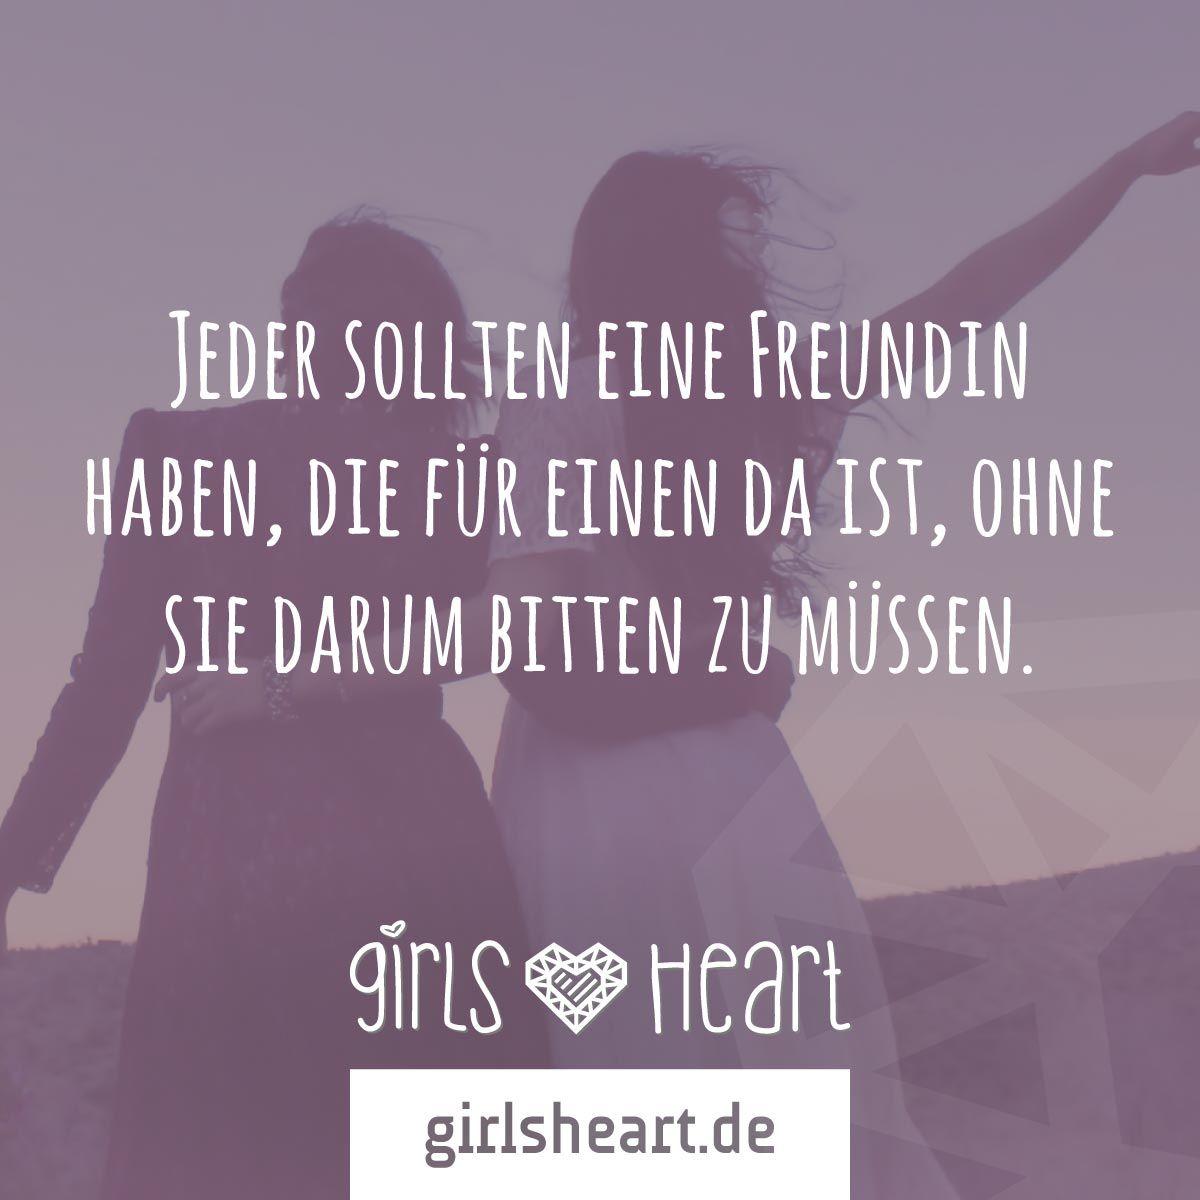 Seo Title Danke Gedicht Spruche Uber Freundschaft Emotionale Zitate